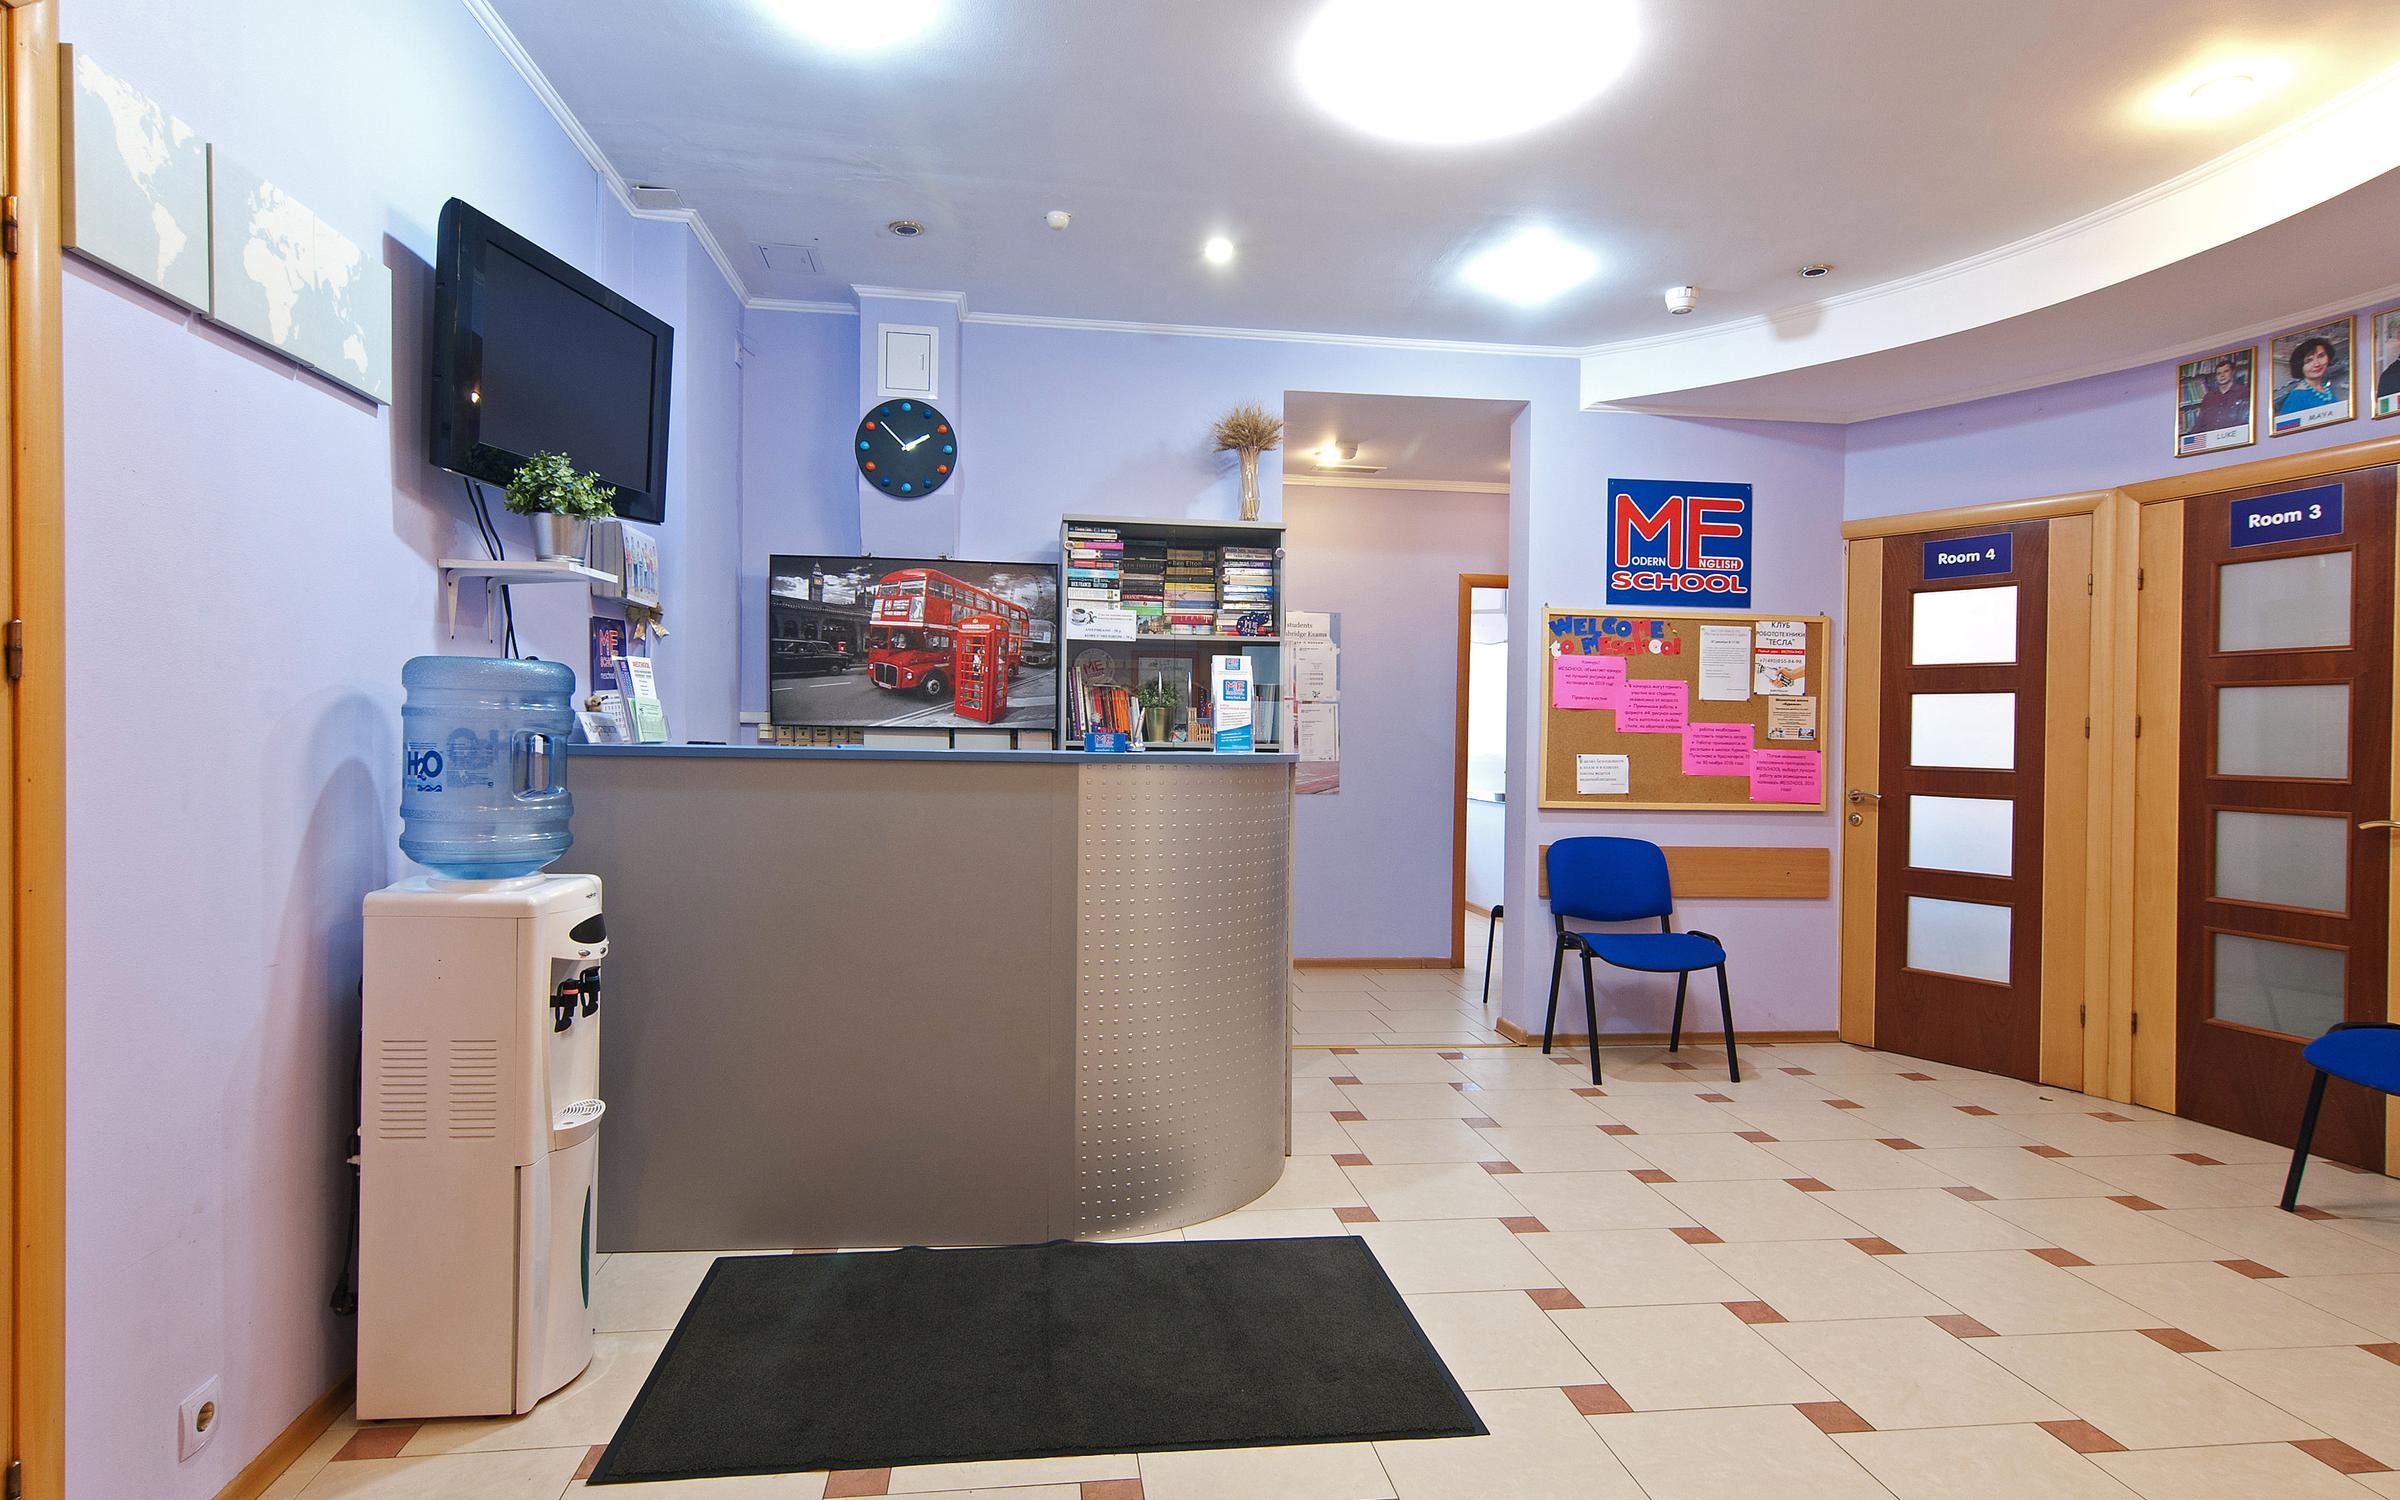 фотография Школы иностранных языков MESCHOOL в Куркино